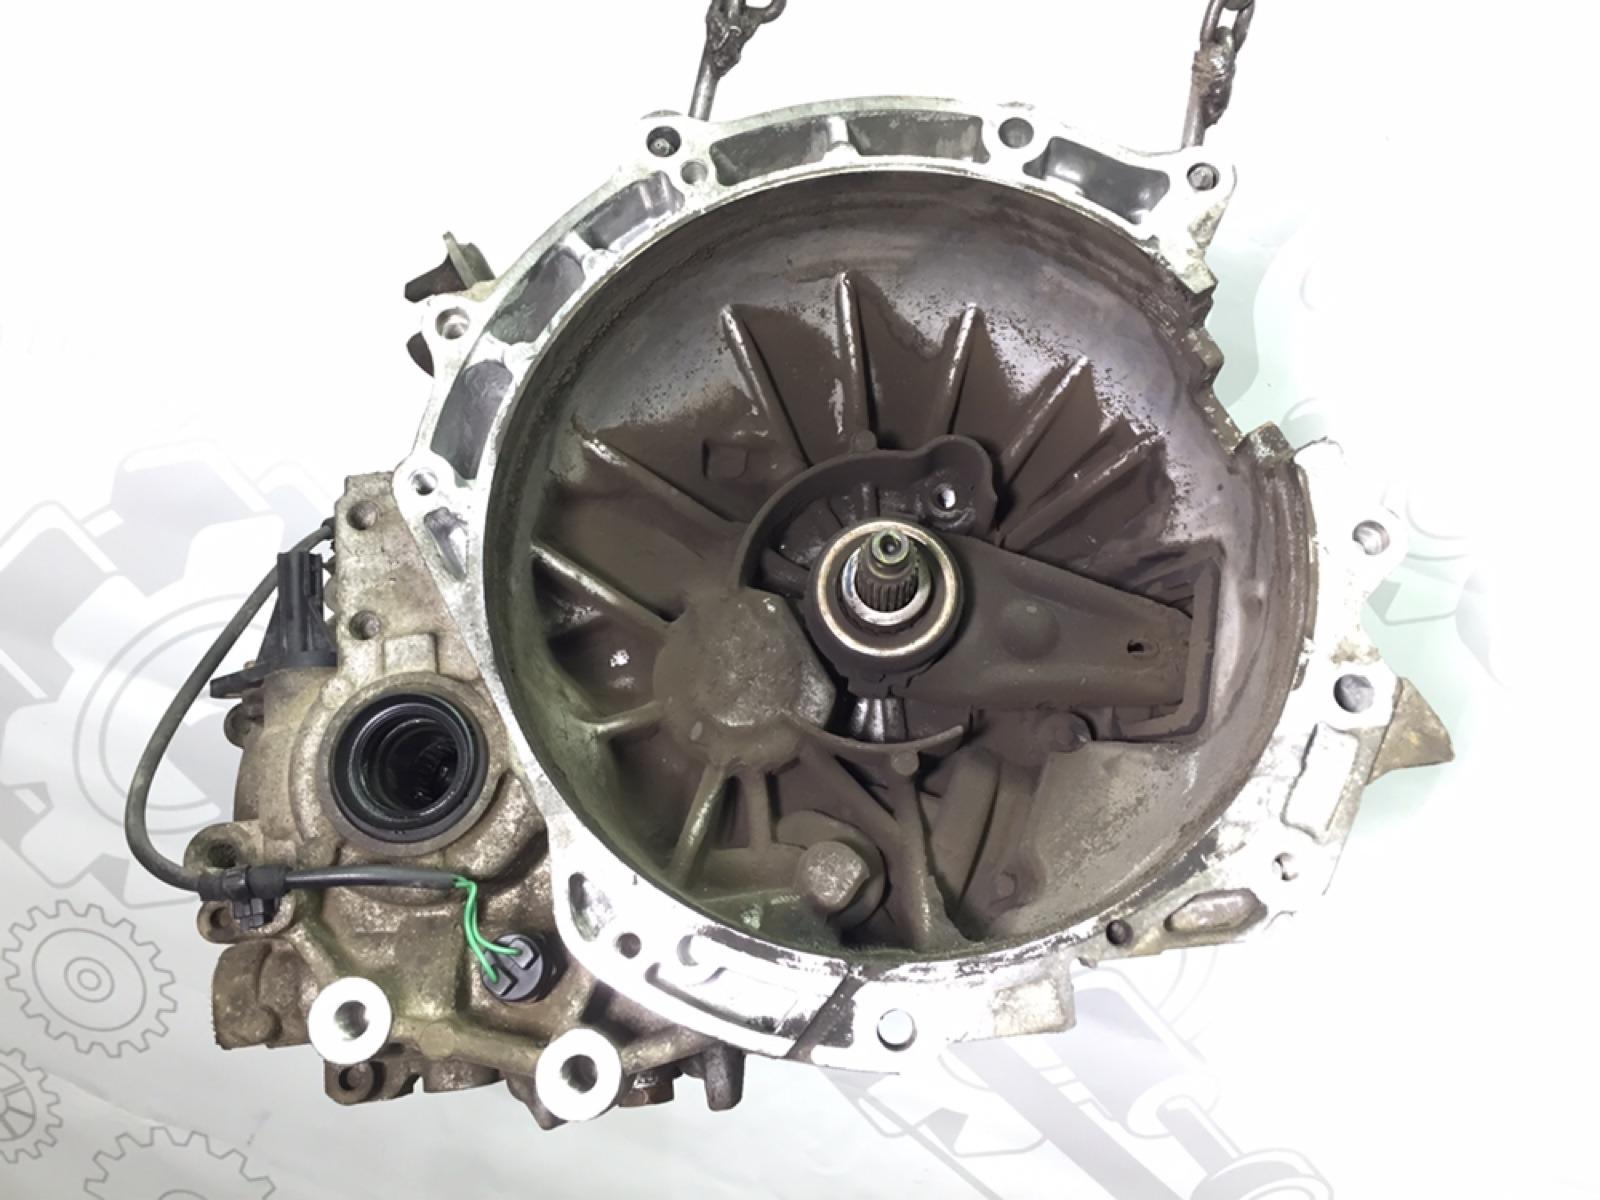 Кпп механическая (мкпп) Mazda 6 2.0 I 2004 (б/у)